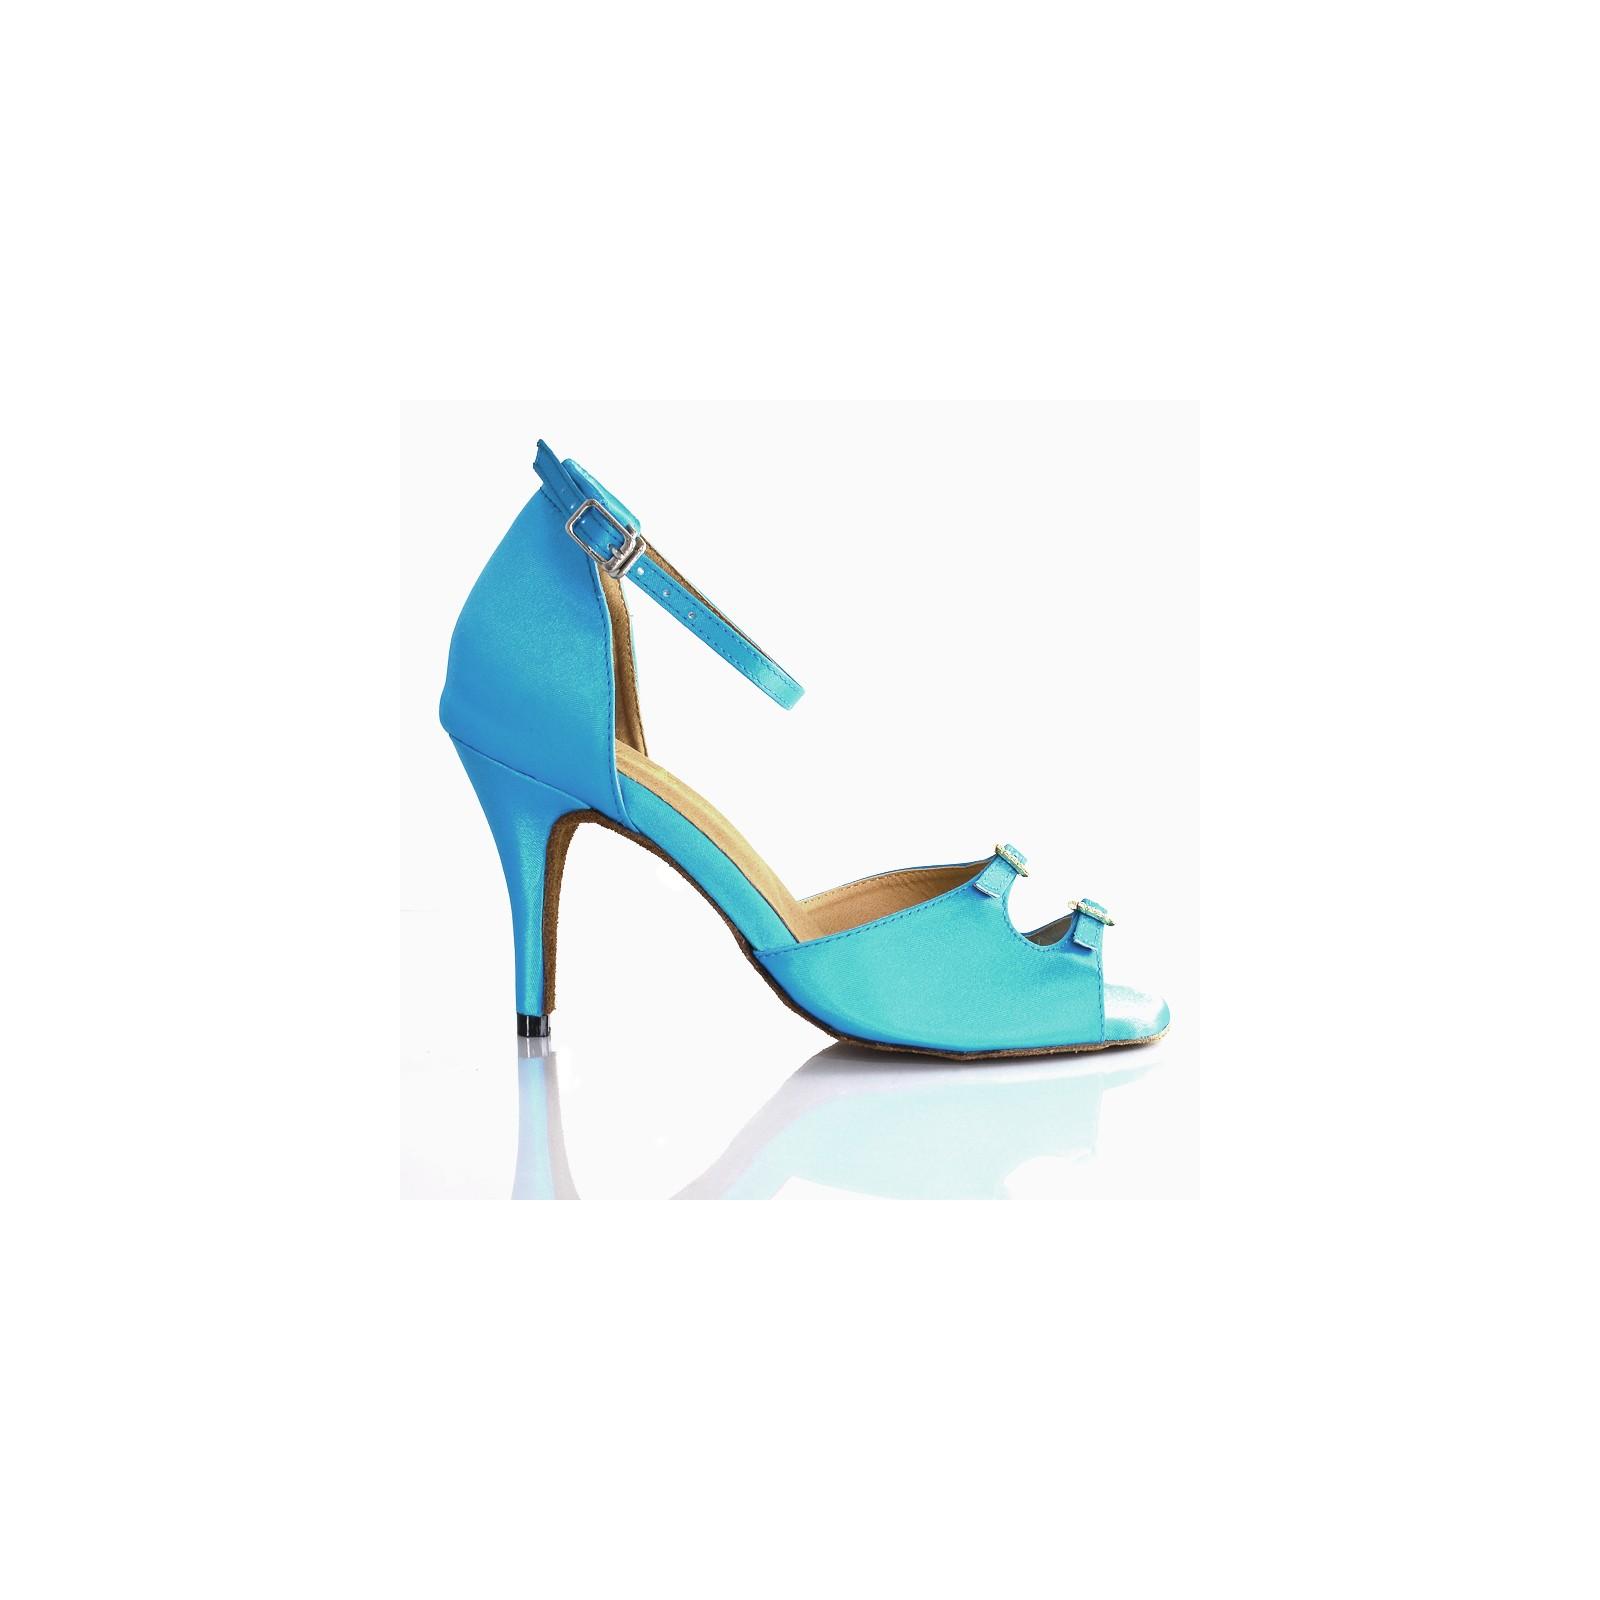 dernier style prix réduit grandes variétés Chaussures de danse Label Latin